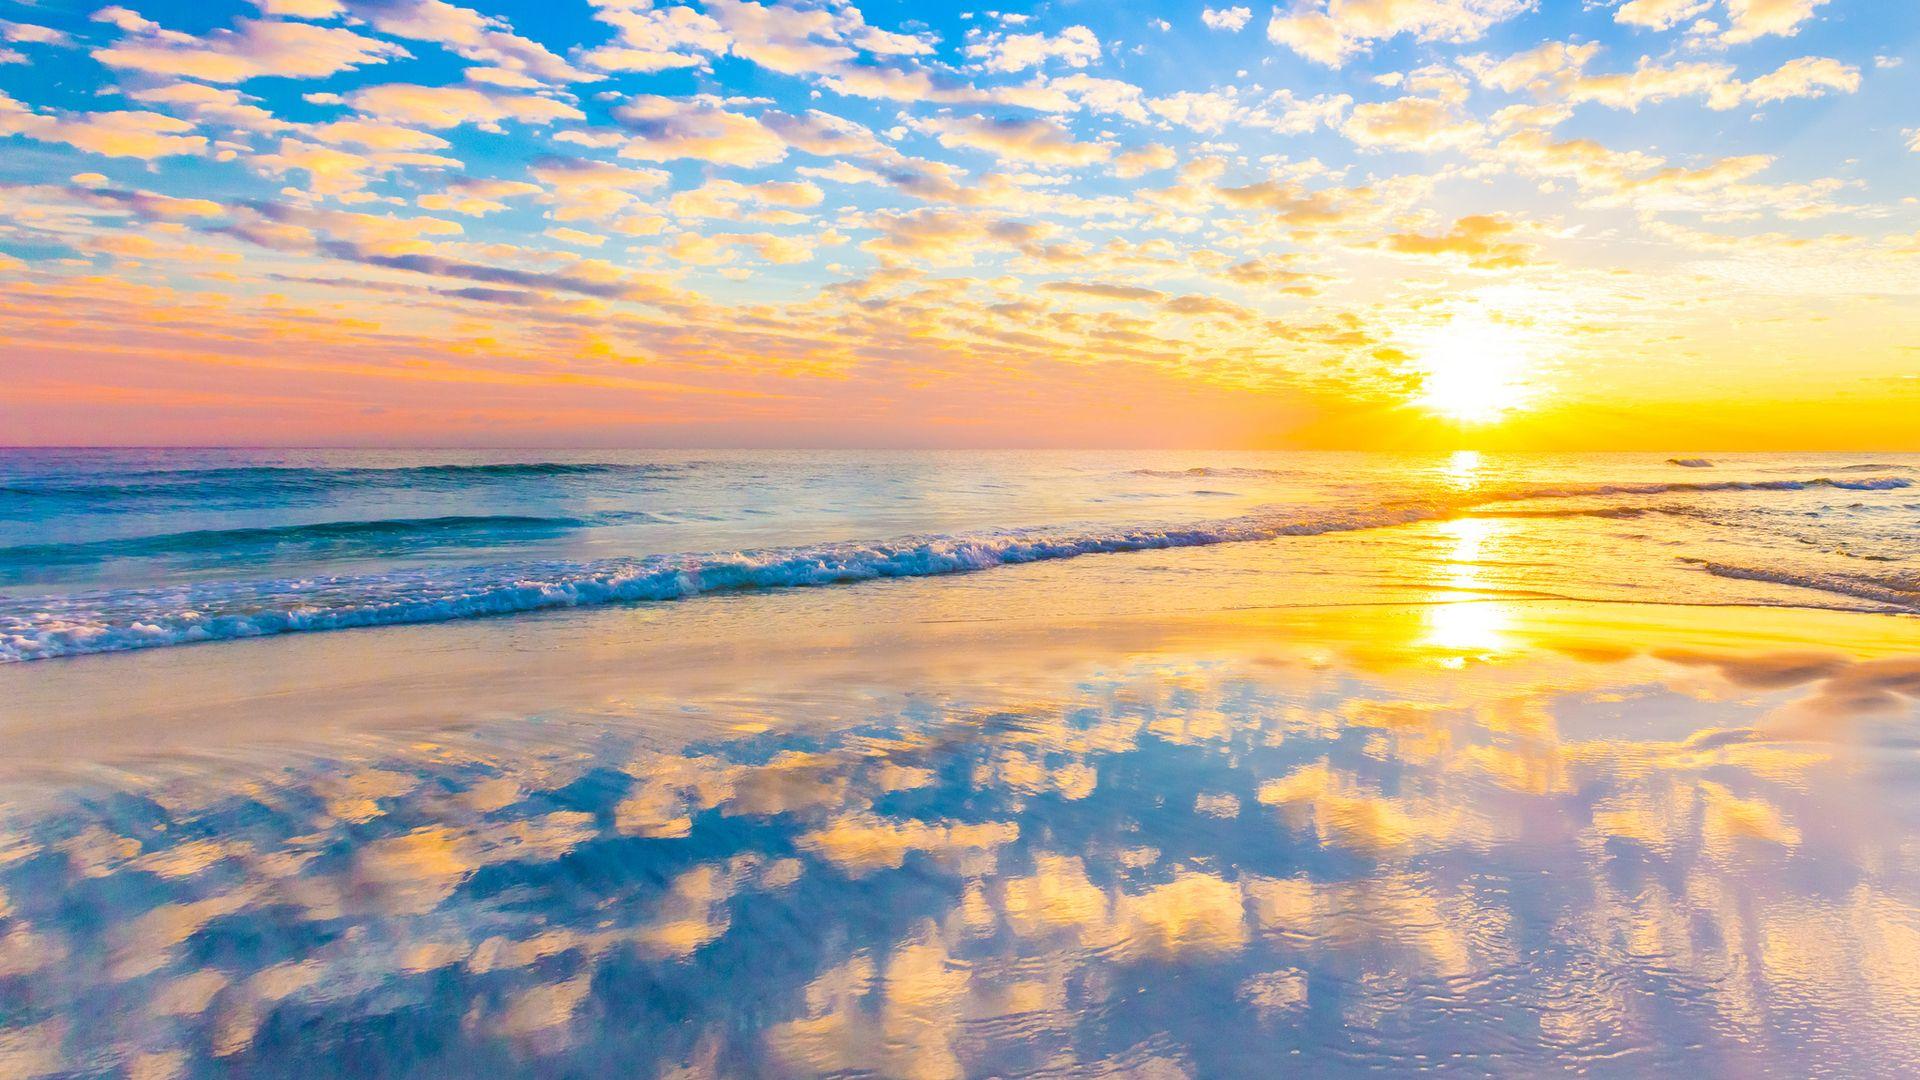 Beautiful Sunrise Pemandangan HD Wallpaper Dengan Gambar